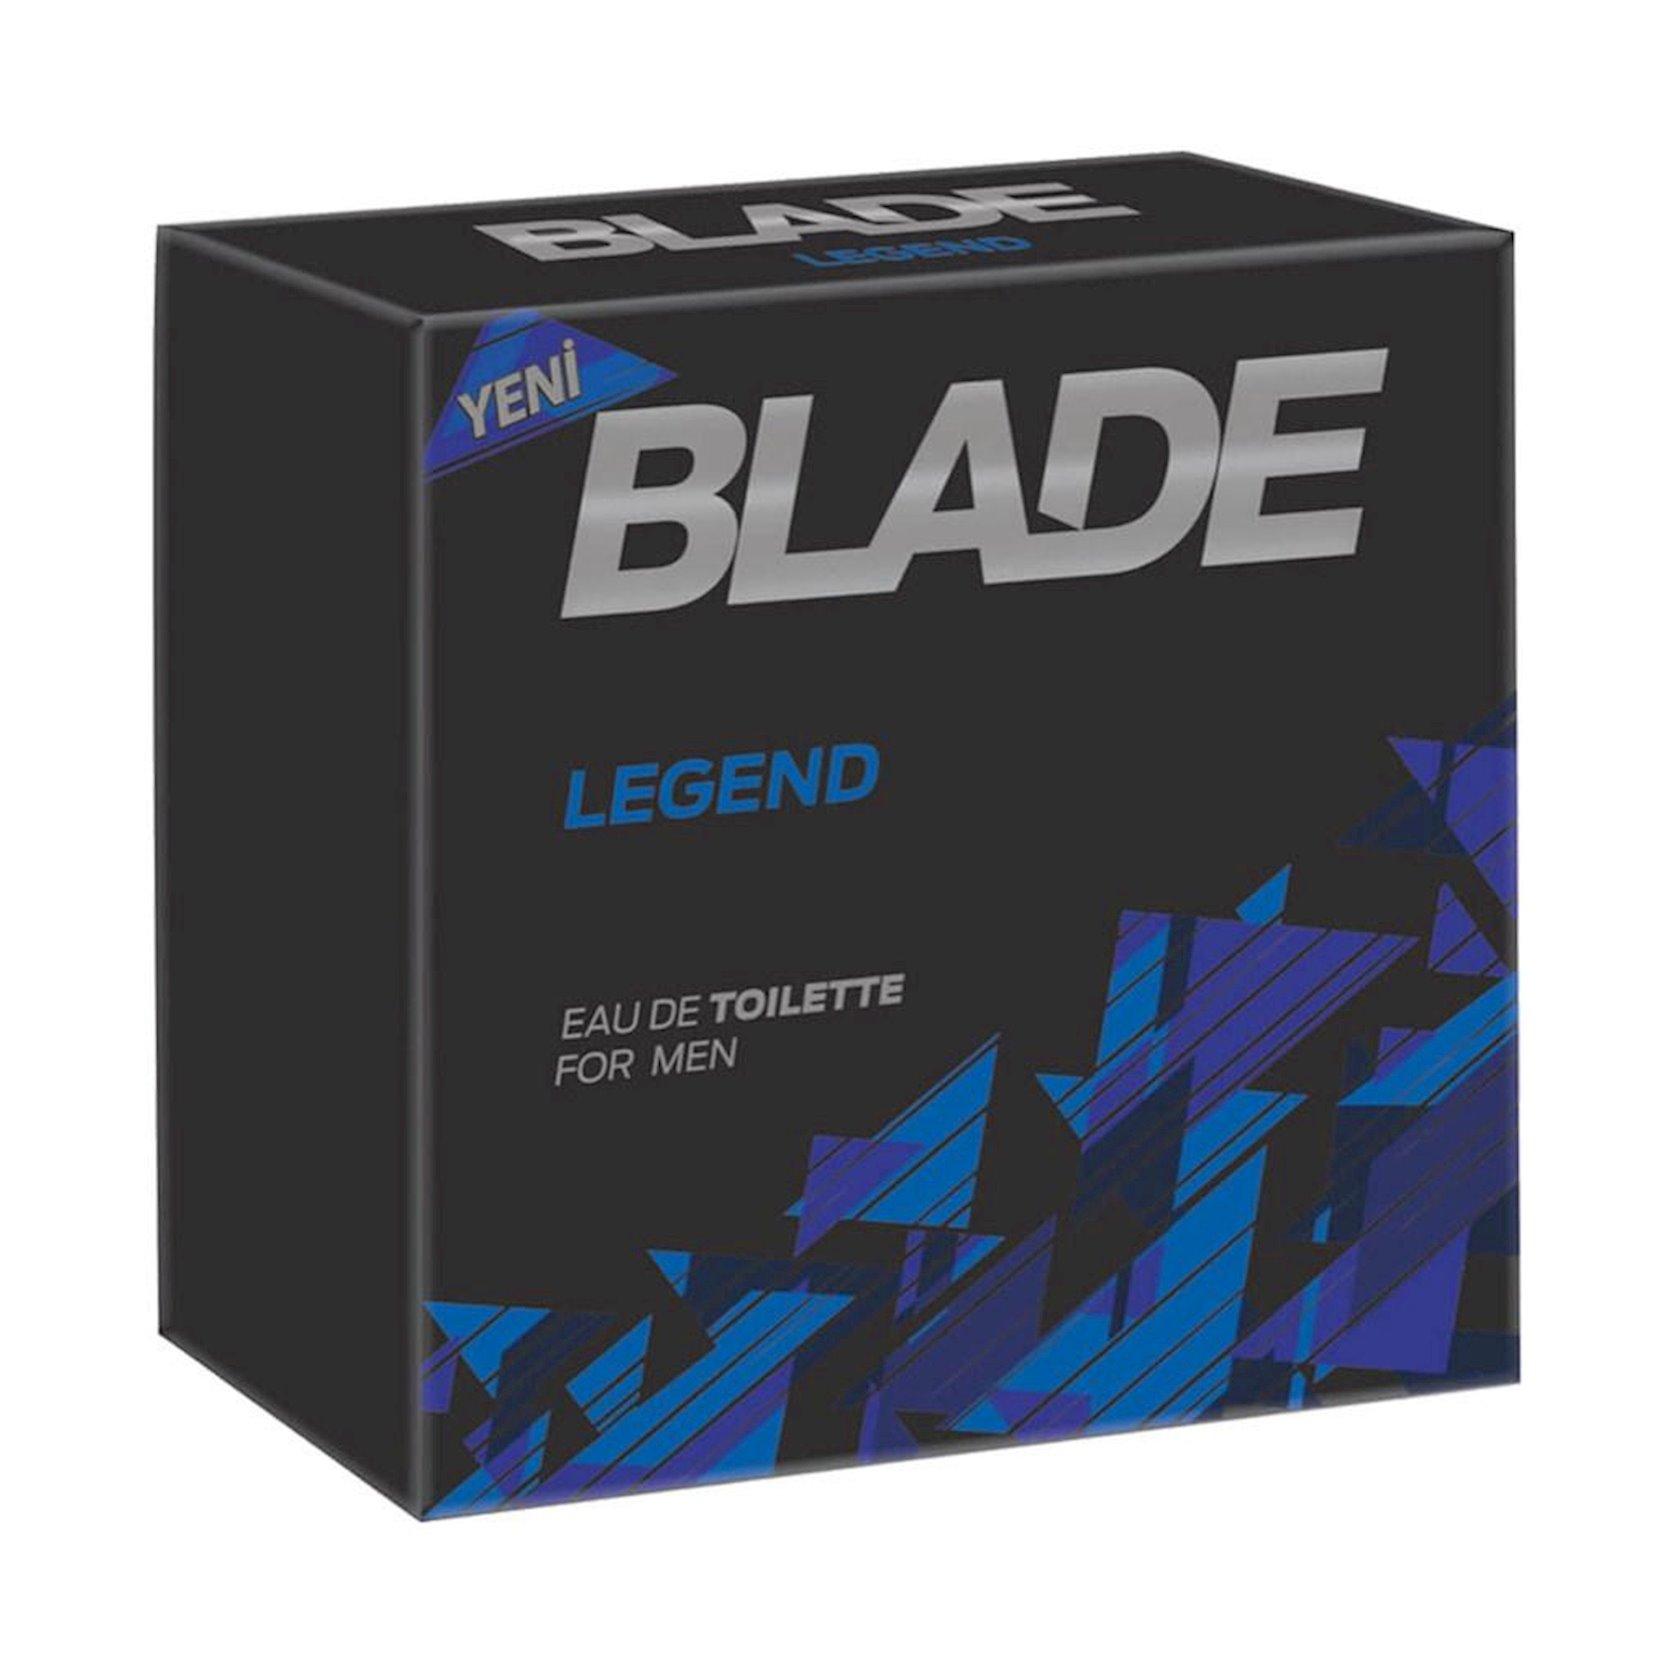 Tualet suyu kişilər üçün Blade Legend, 100 ml